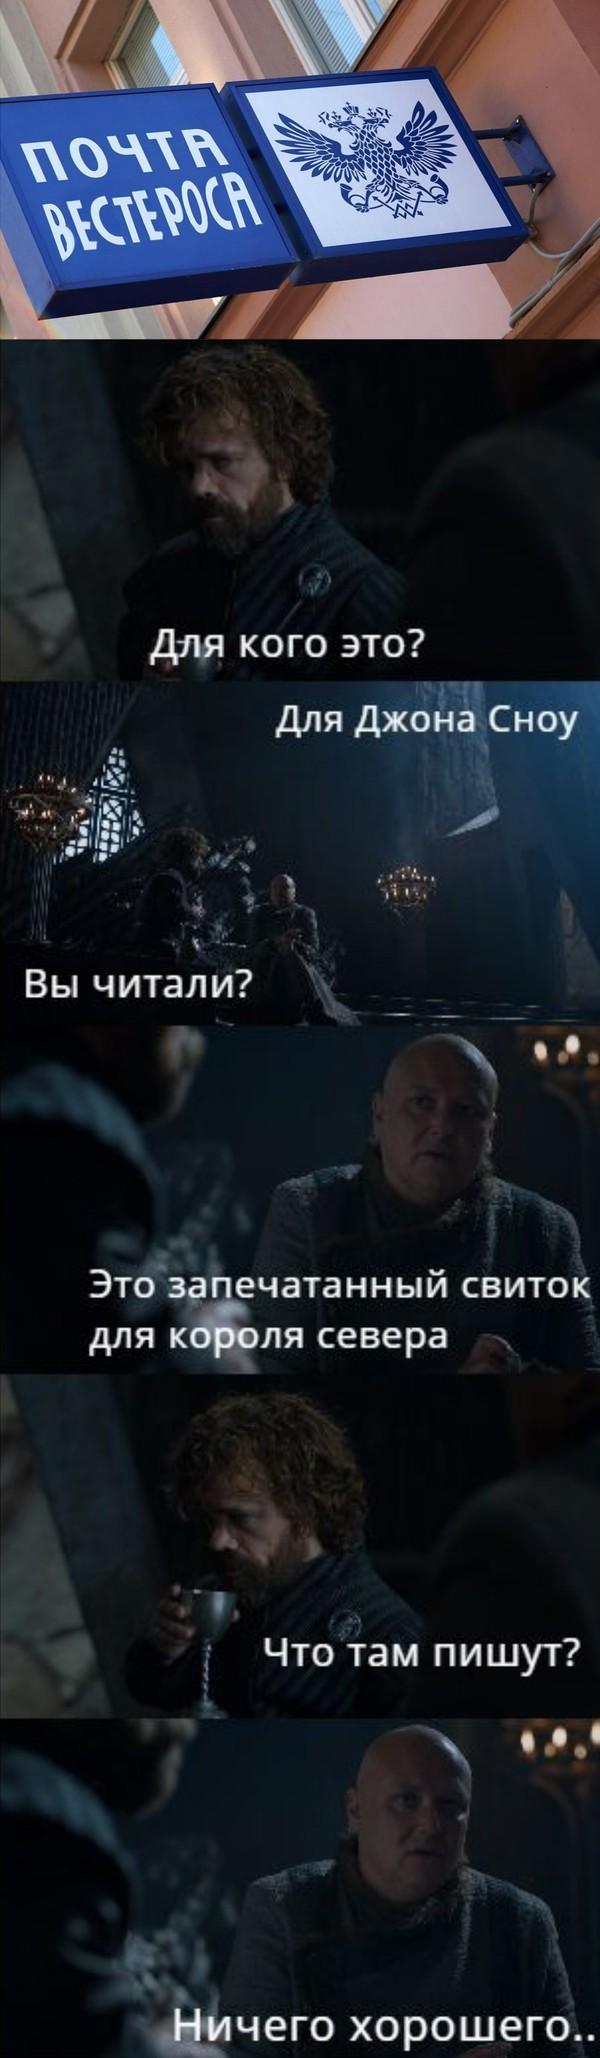 Почта Вестероса Игра престолов, Почта России, длиннопост